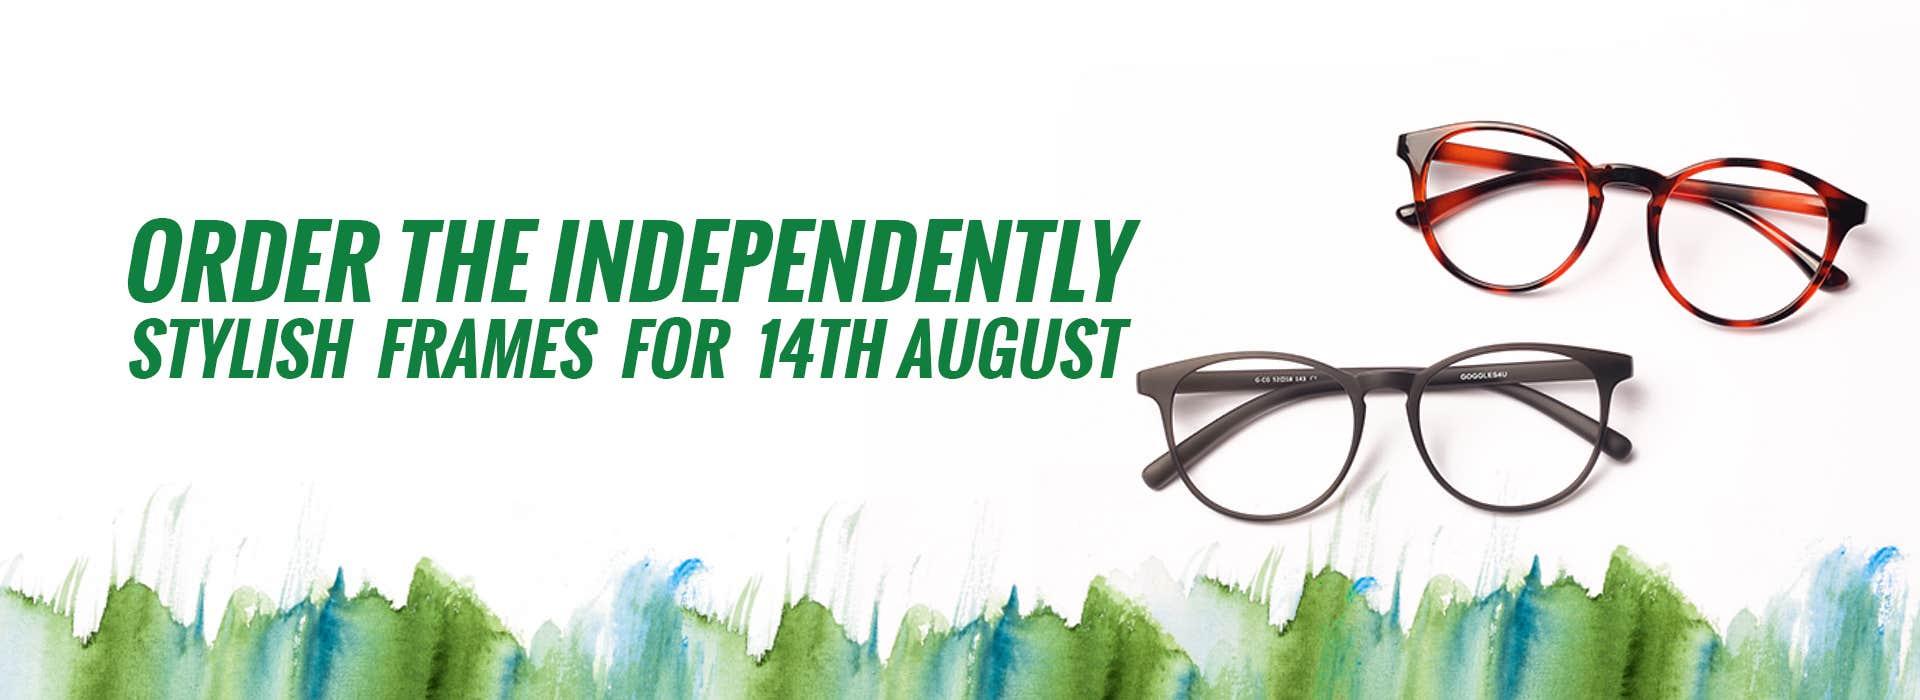 Buy Stylish Independence Day Glasses at Eyeglasses PK